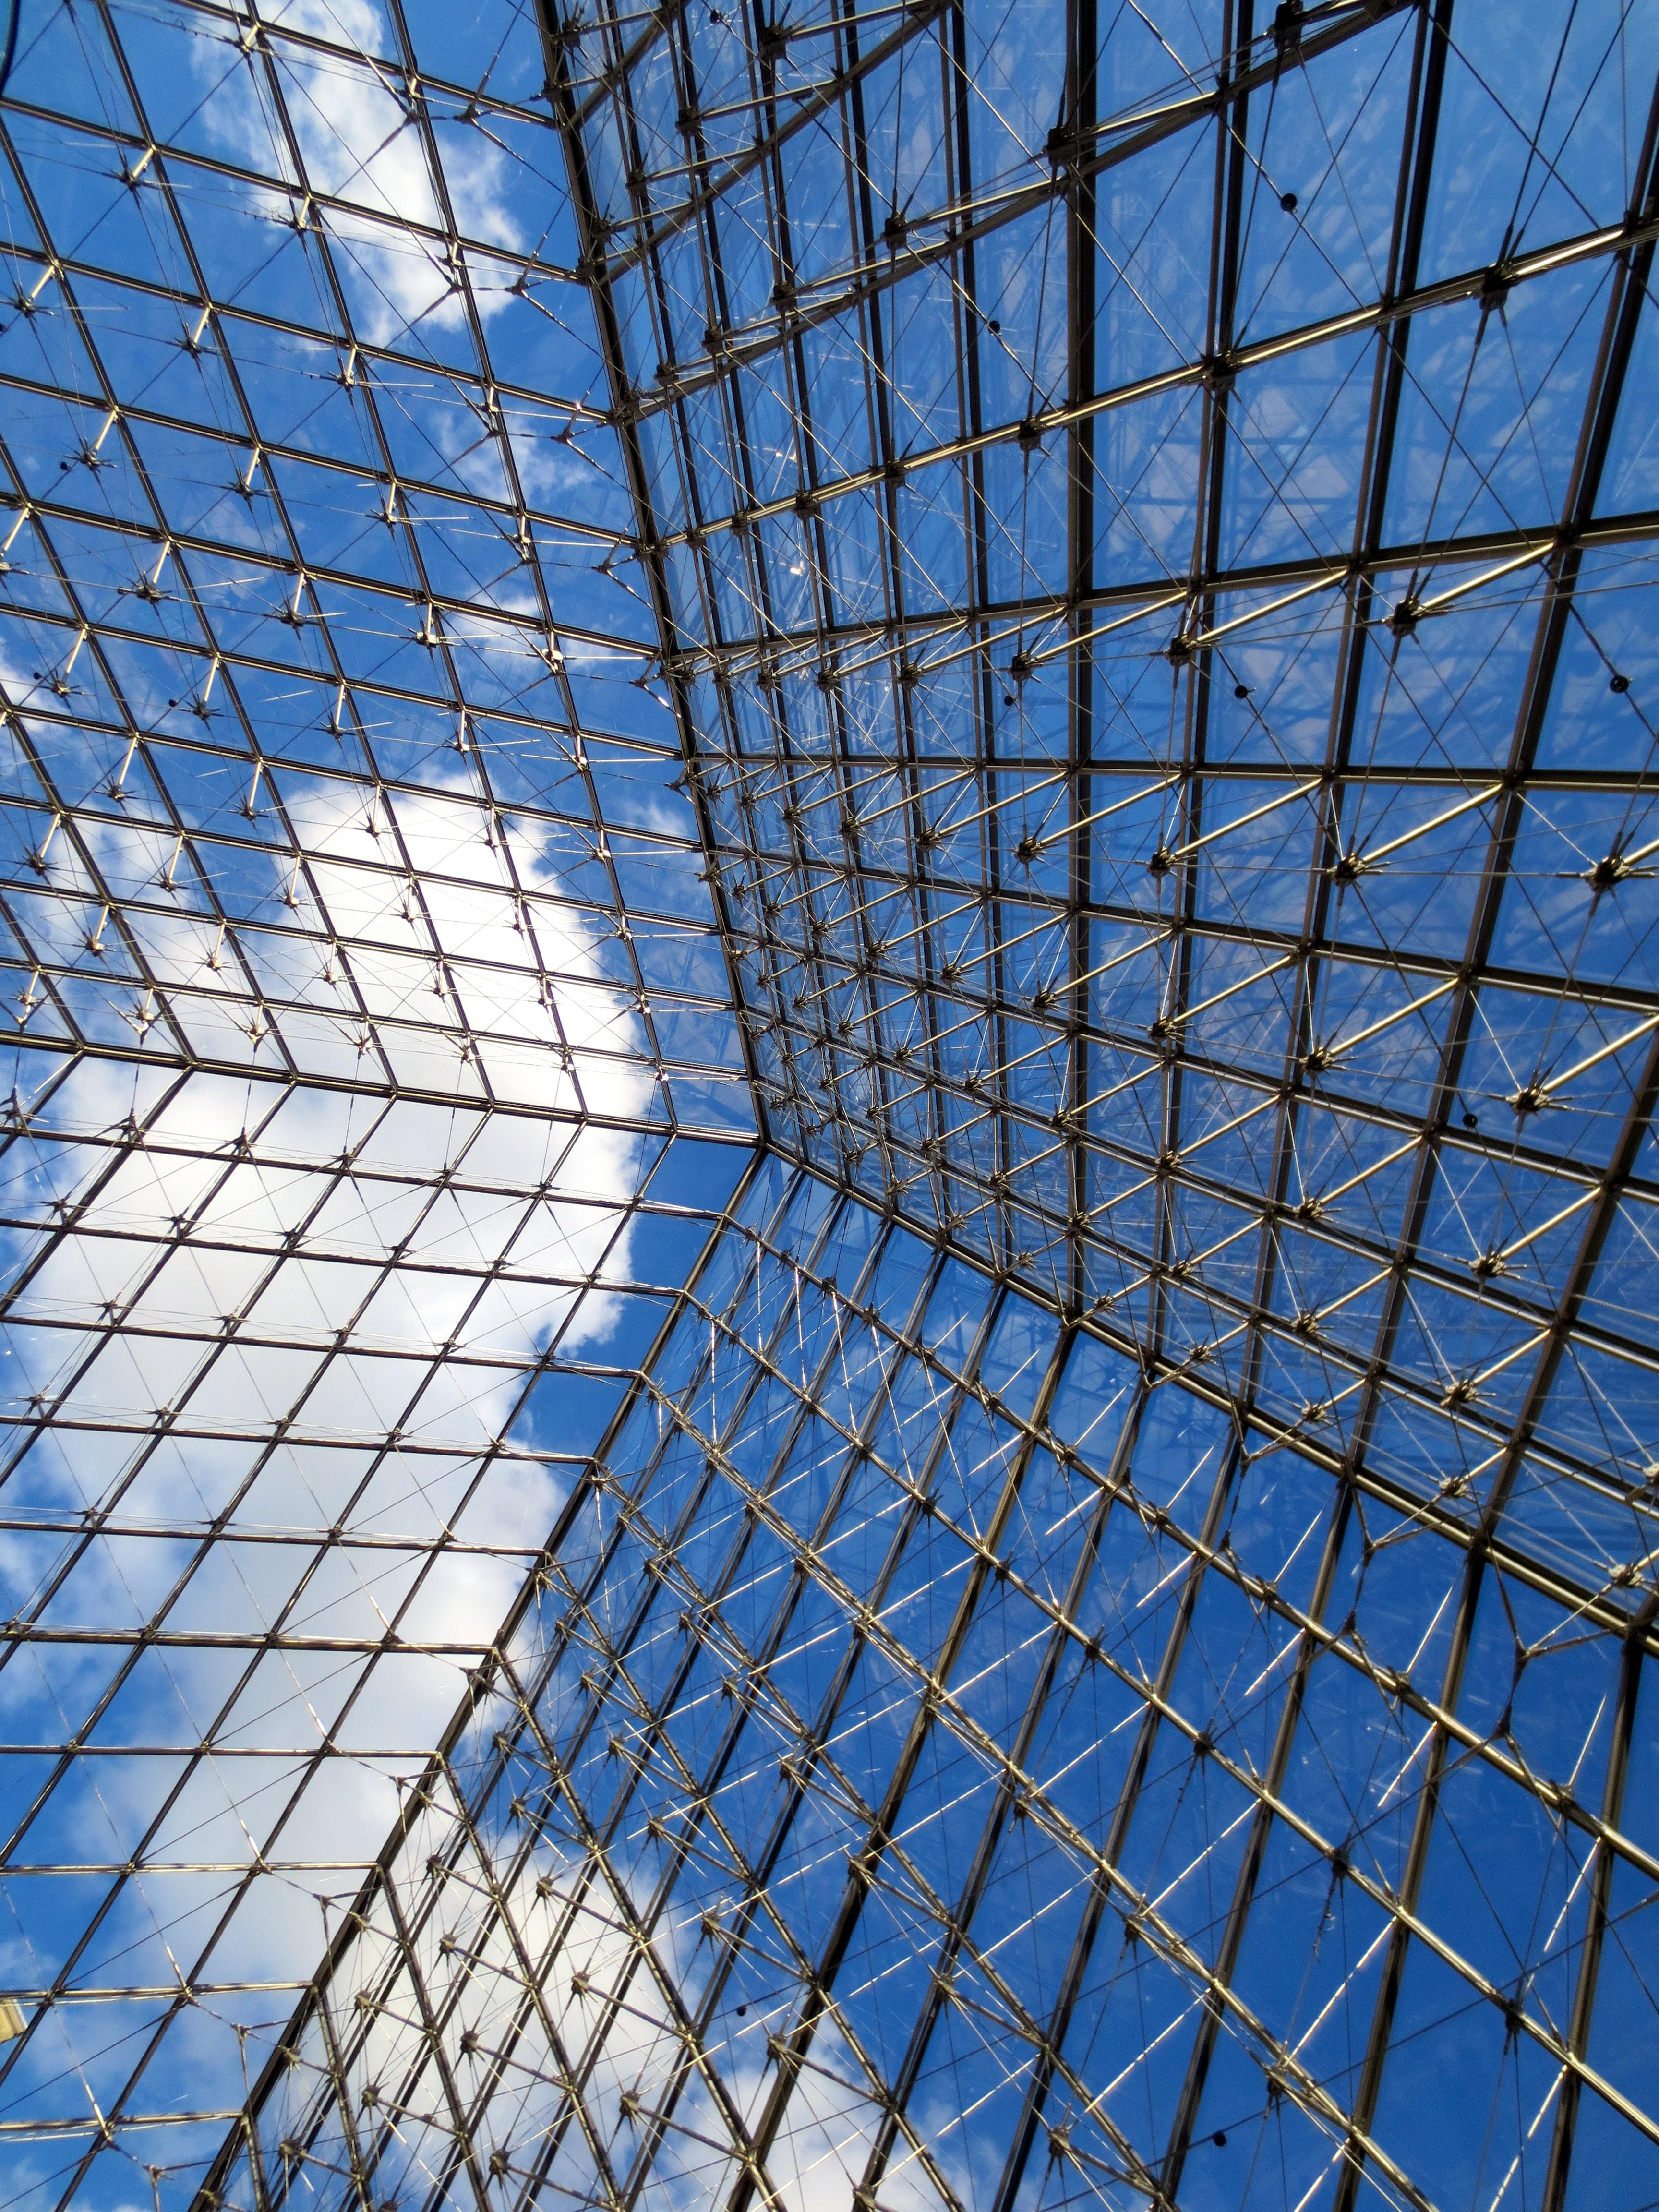 Below the Louvre II